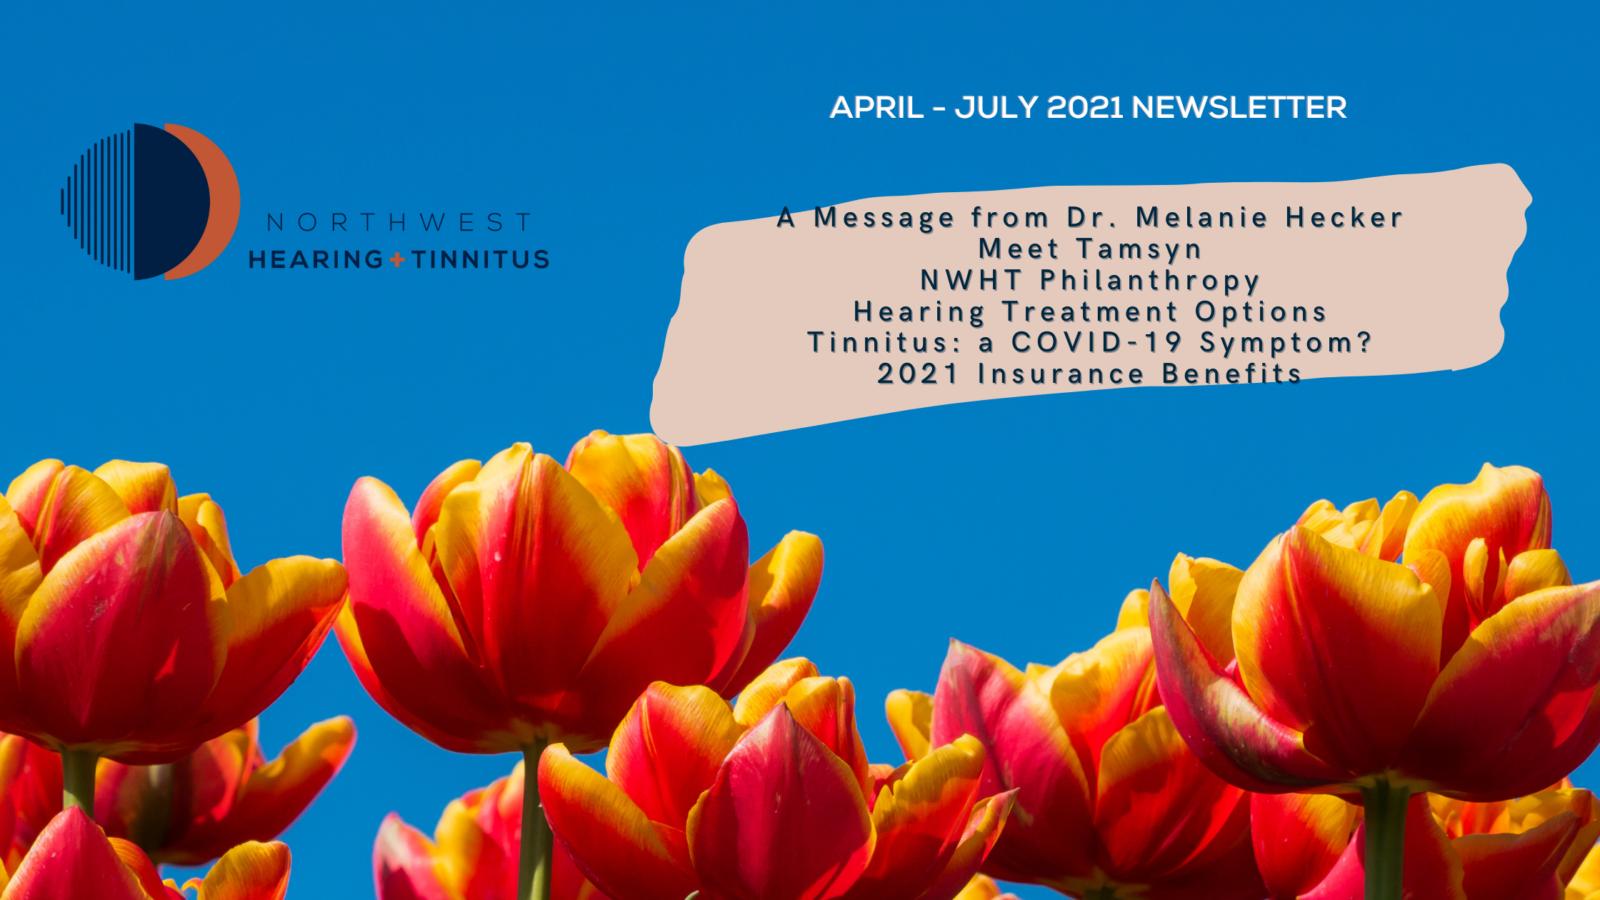 April - July 2021 Newsletter